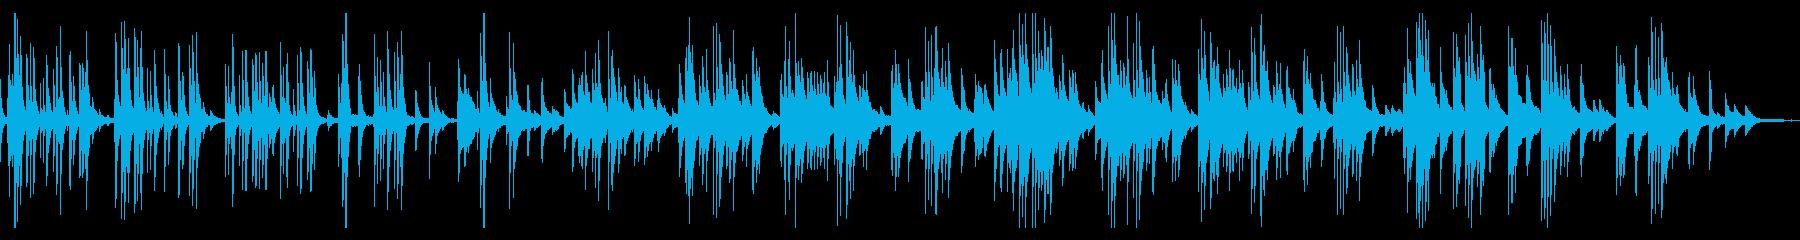 大きな古時計・ピアノアレンジ・童謡の再生済みの波形